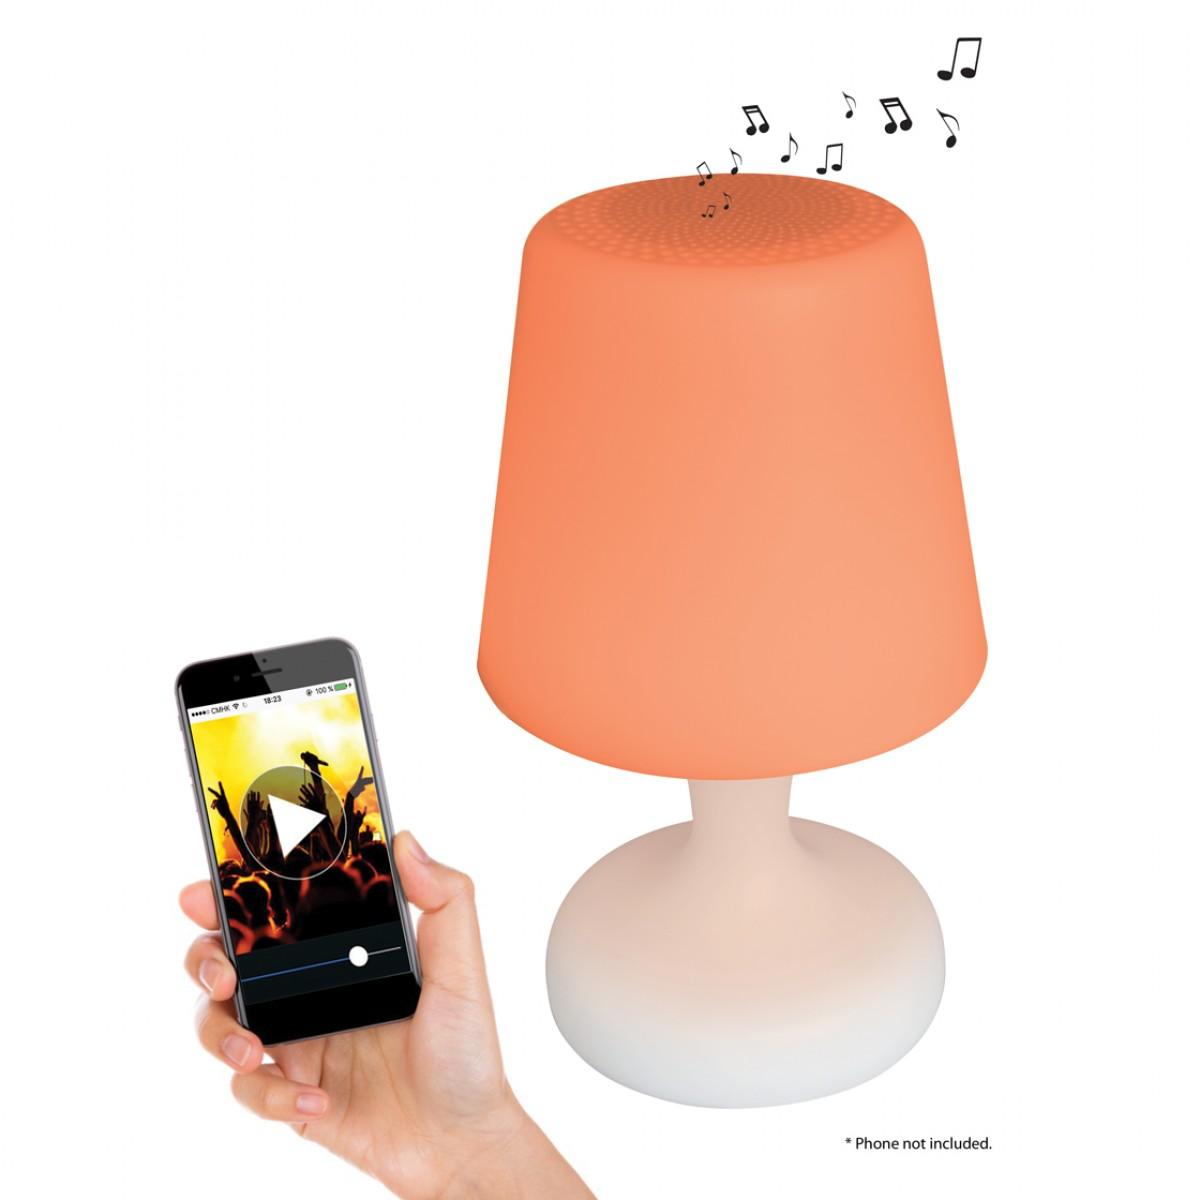 Lampe LED couleur & son Bluetooth® avec télécomande et batterie rechargeable